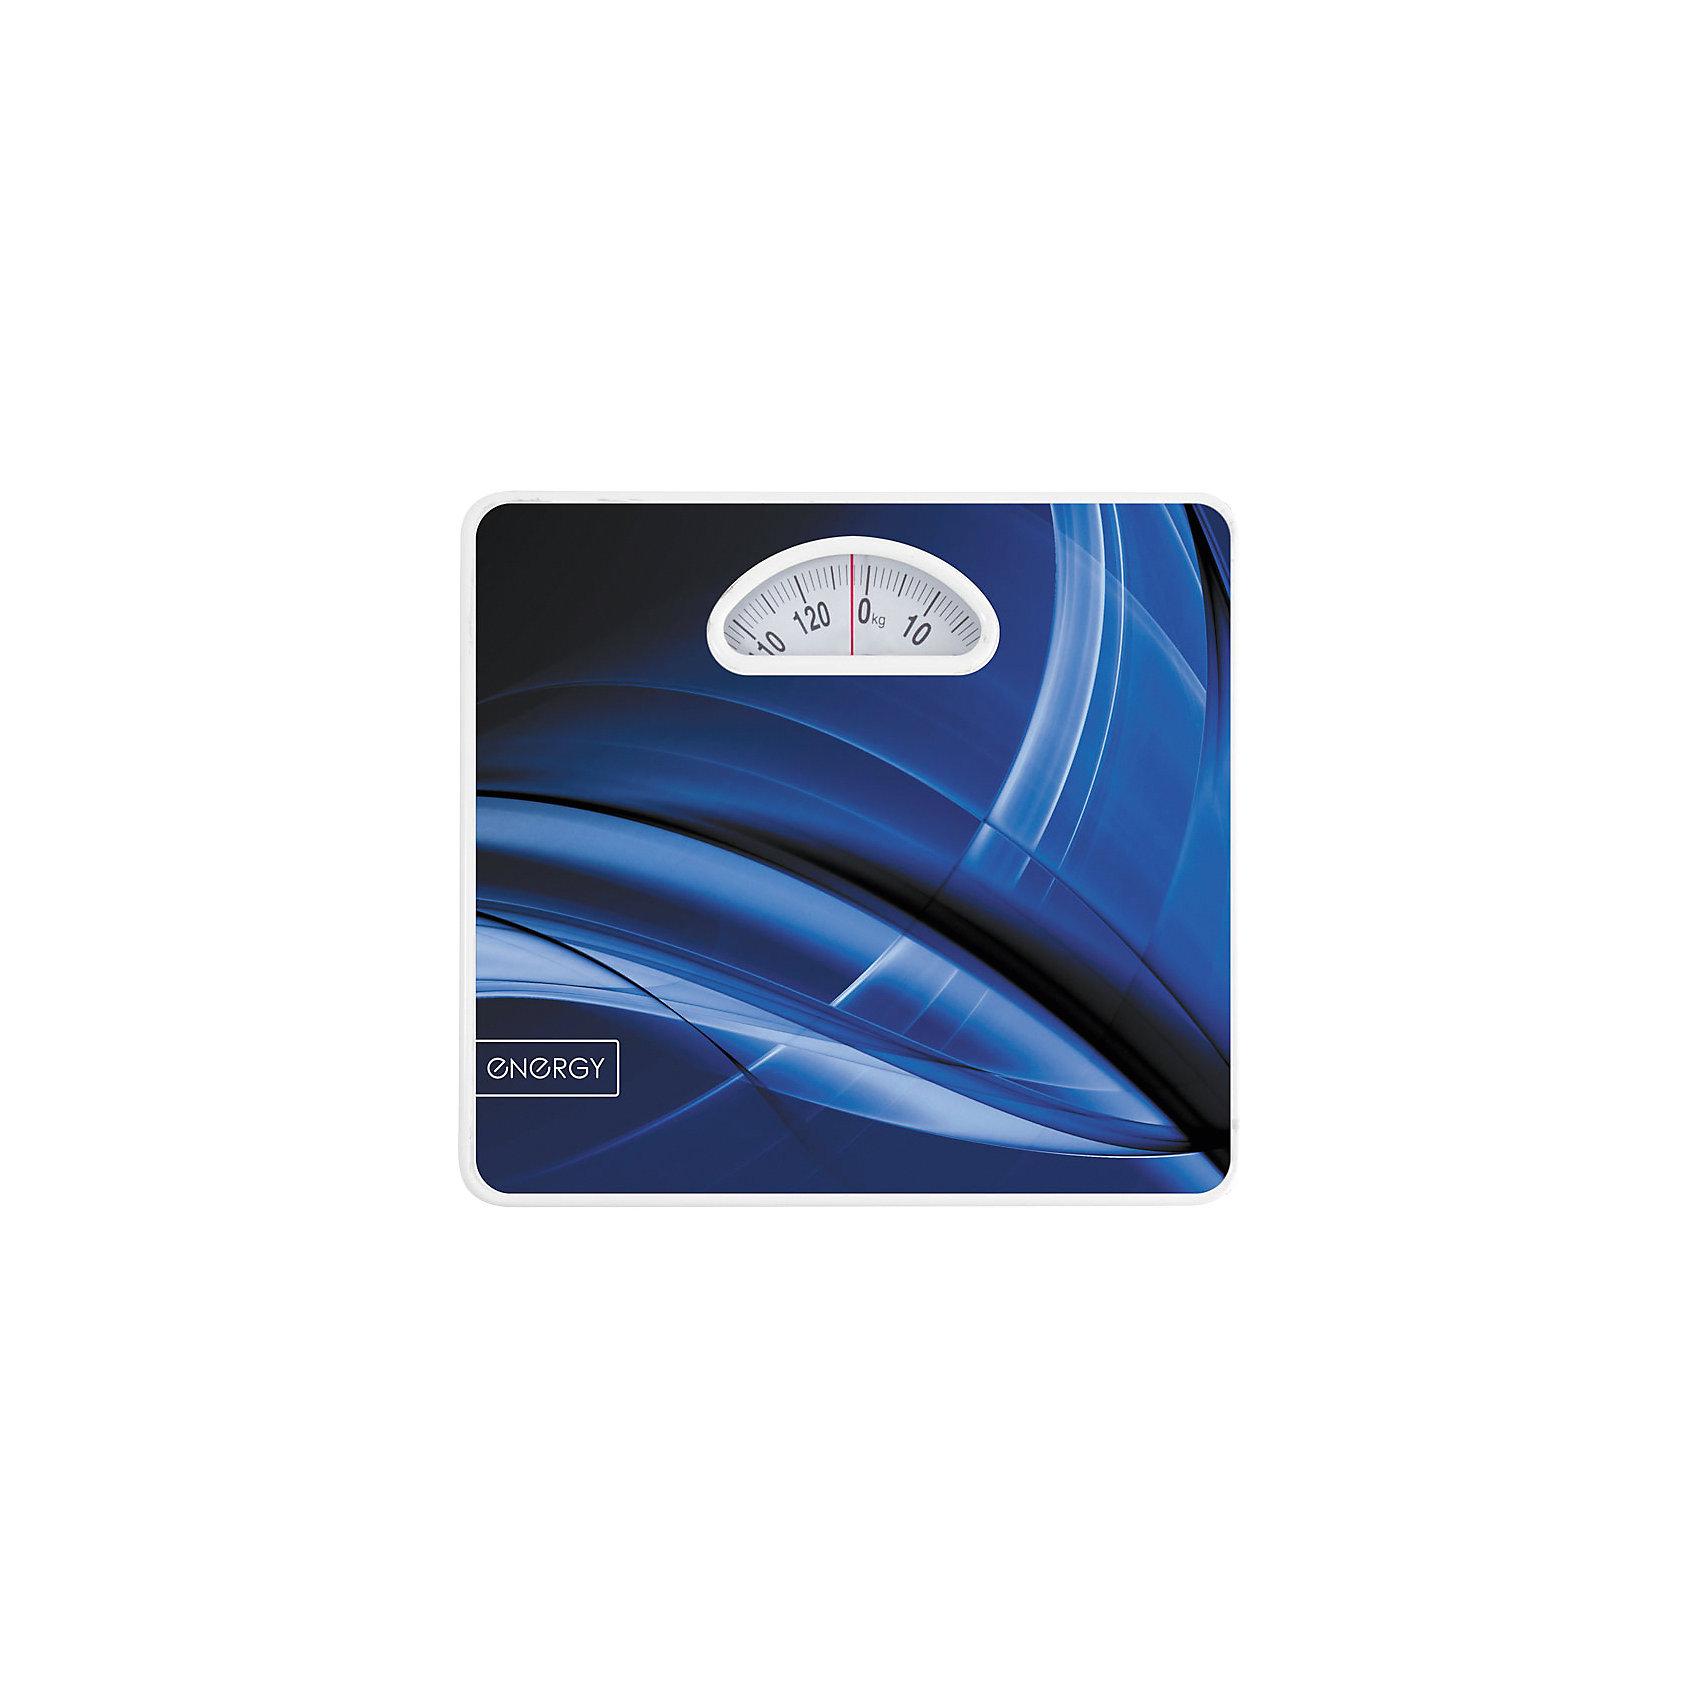 Energy Весы напольные механические ENМ-408B, Energy energy весы напольные механические enм 408b energy